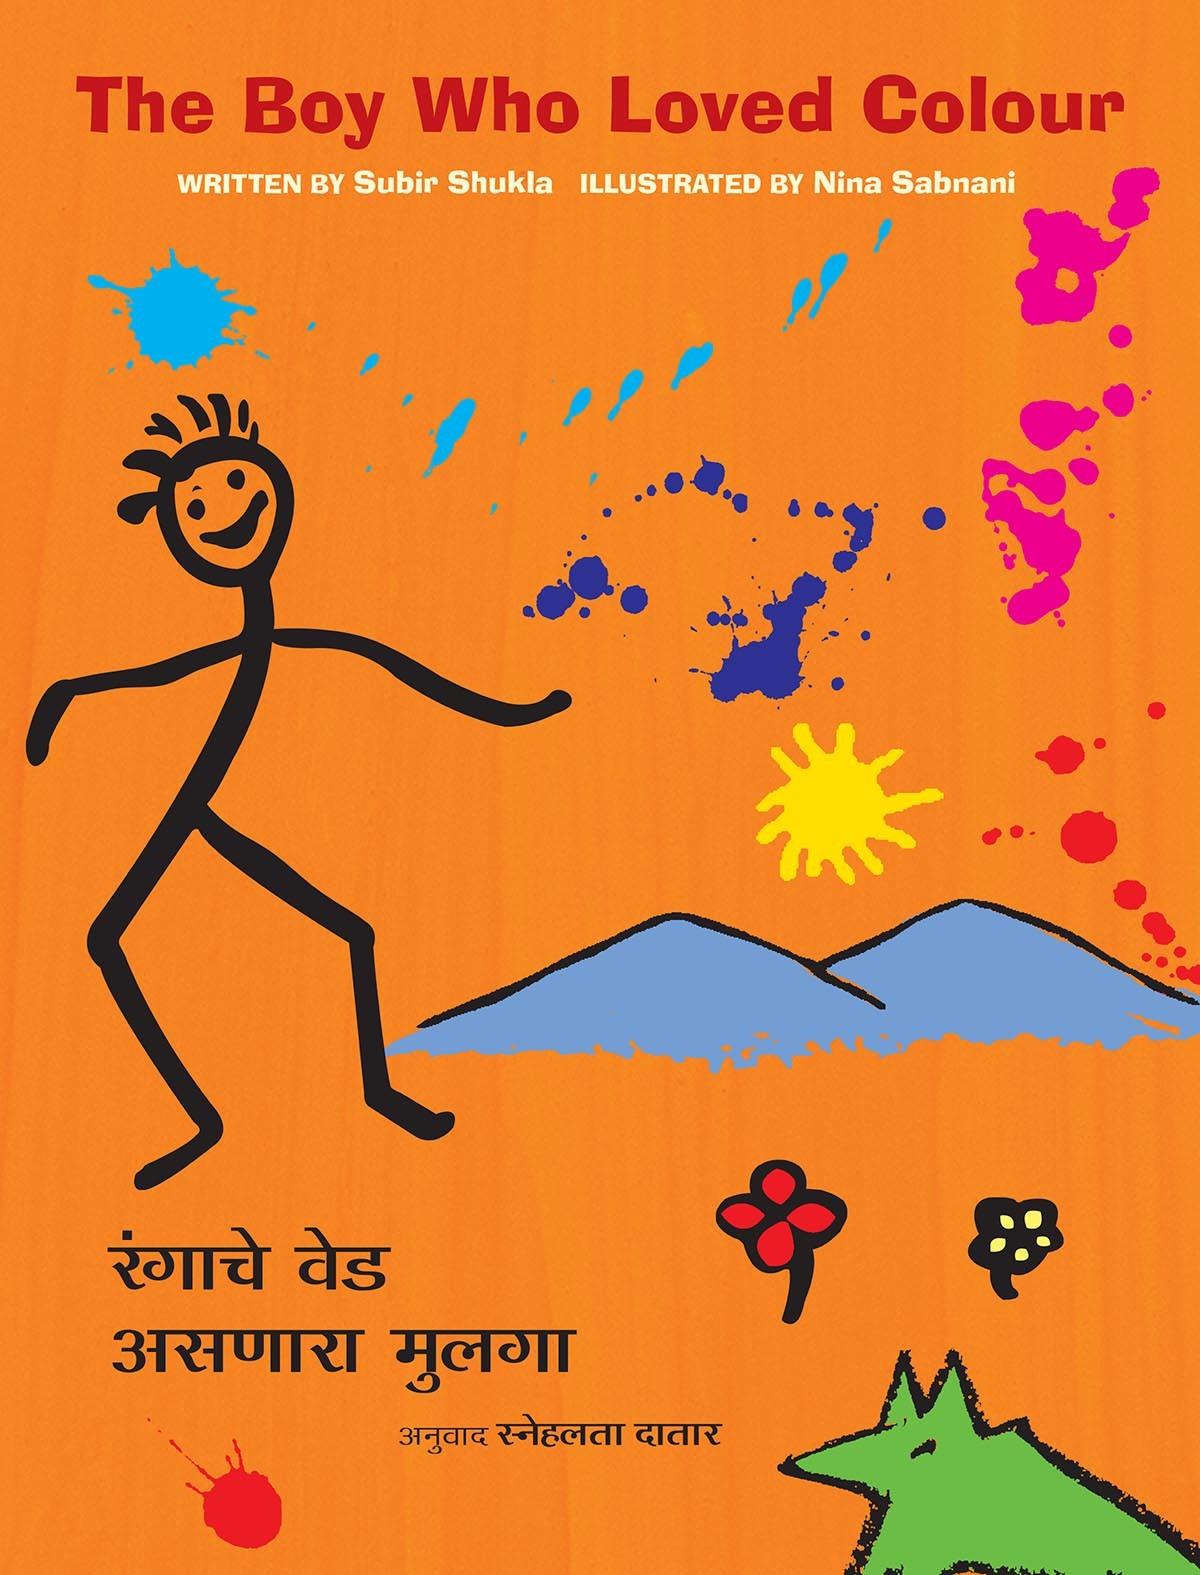 The Boy Who Loved Colour/Rangache Ved Asanara Mulga (English-Marathi)